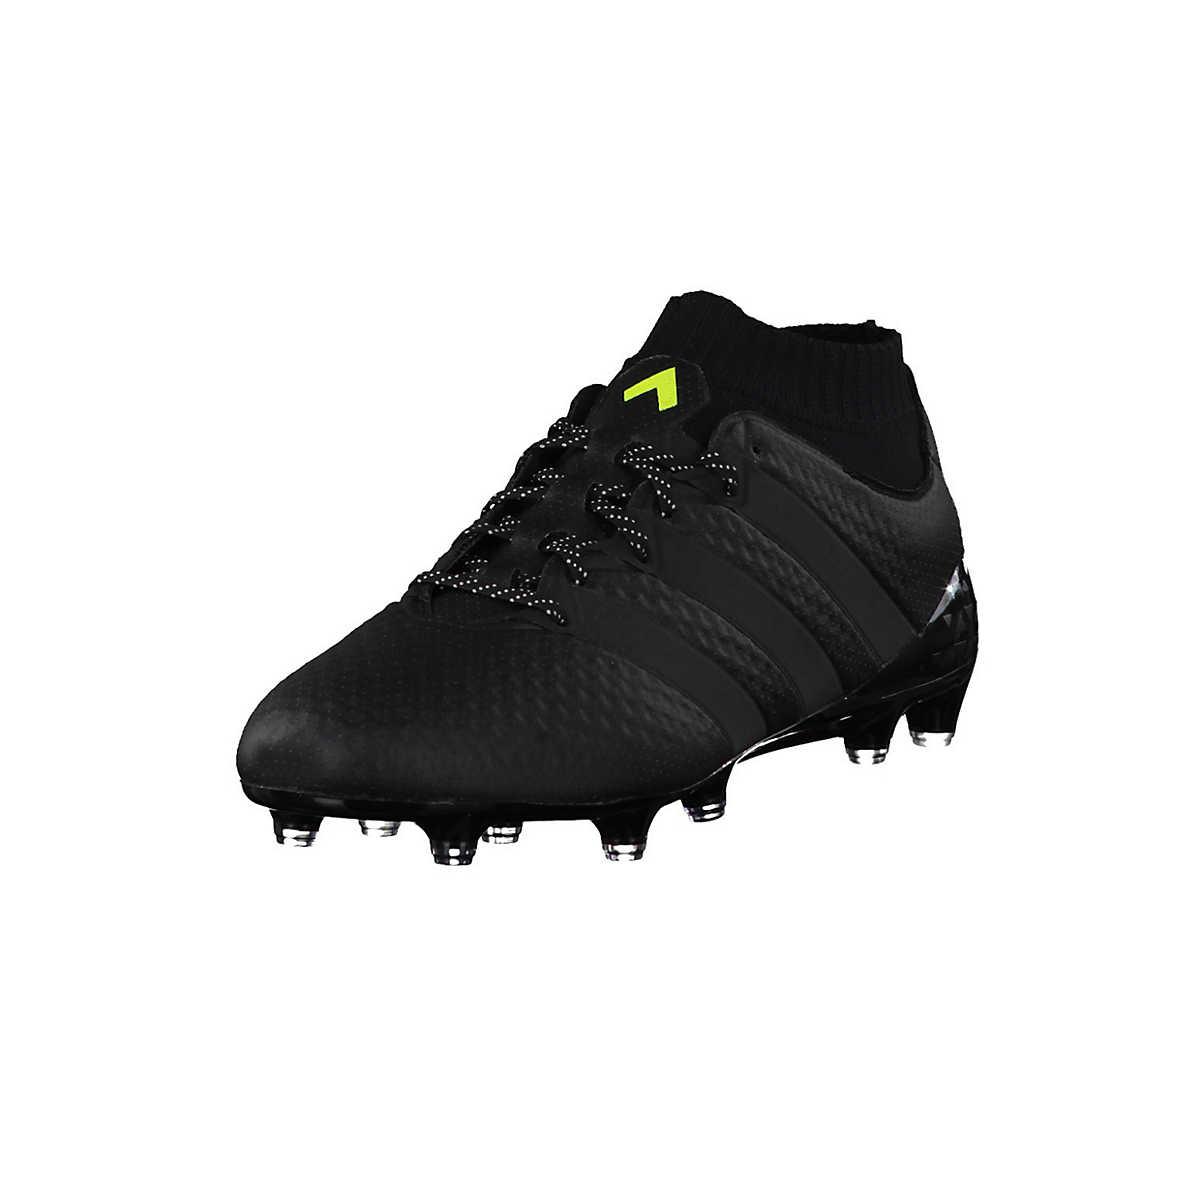 adidas Sportschuhe schwarz-kombi - adidas - Sportschuhe - Schuhe - mirapodo.de